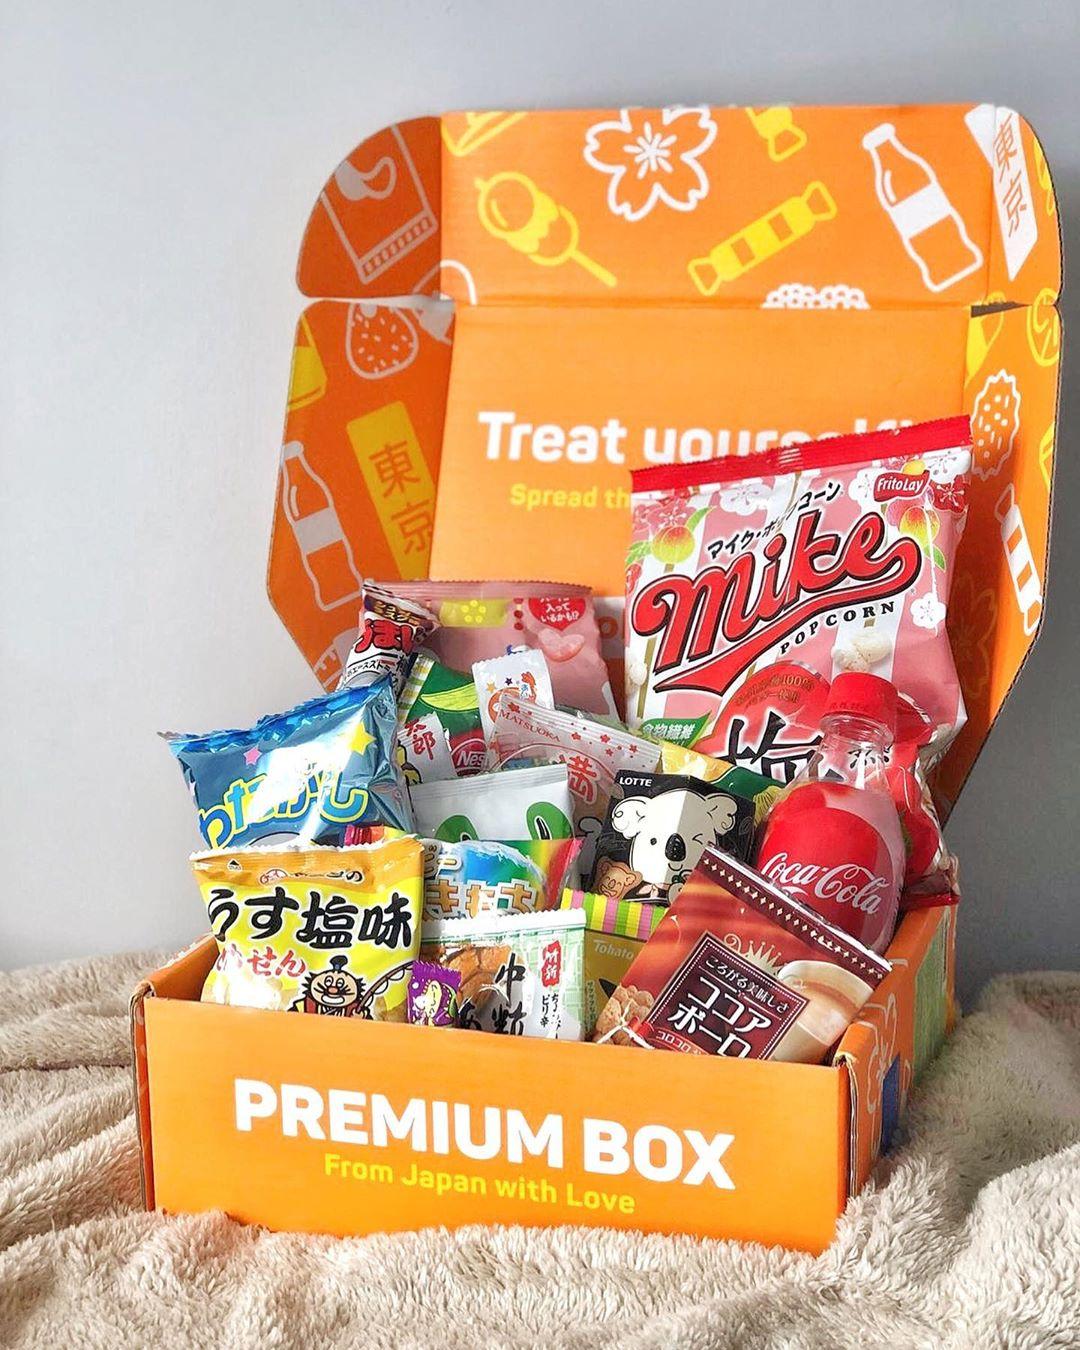 日式零食 - 零食与饮料订阅盒